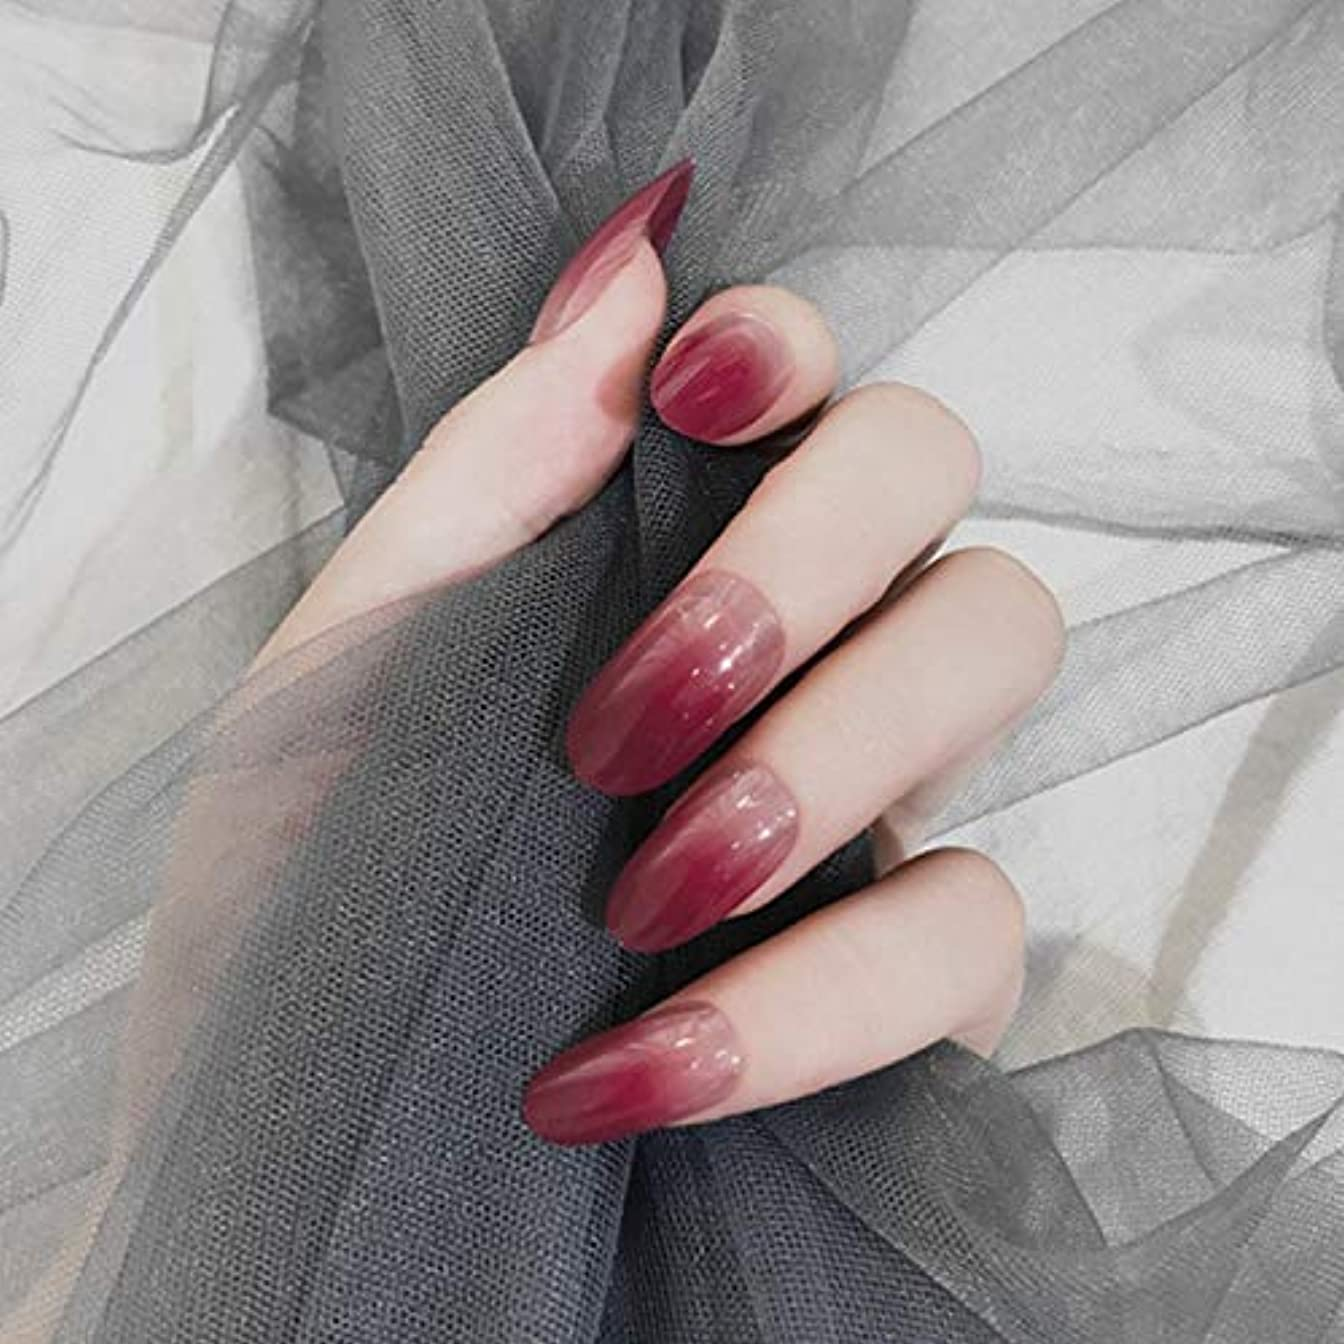 振る香水ジュラシックパークNEILD HOME 24Pcs ネイルチップ 中等長さ オーバル ドレス 人工ラインストーン ラインストーン 夢幻 赤 グラデーション